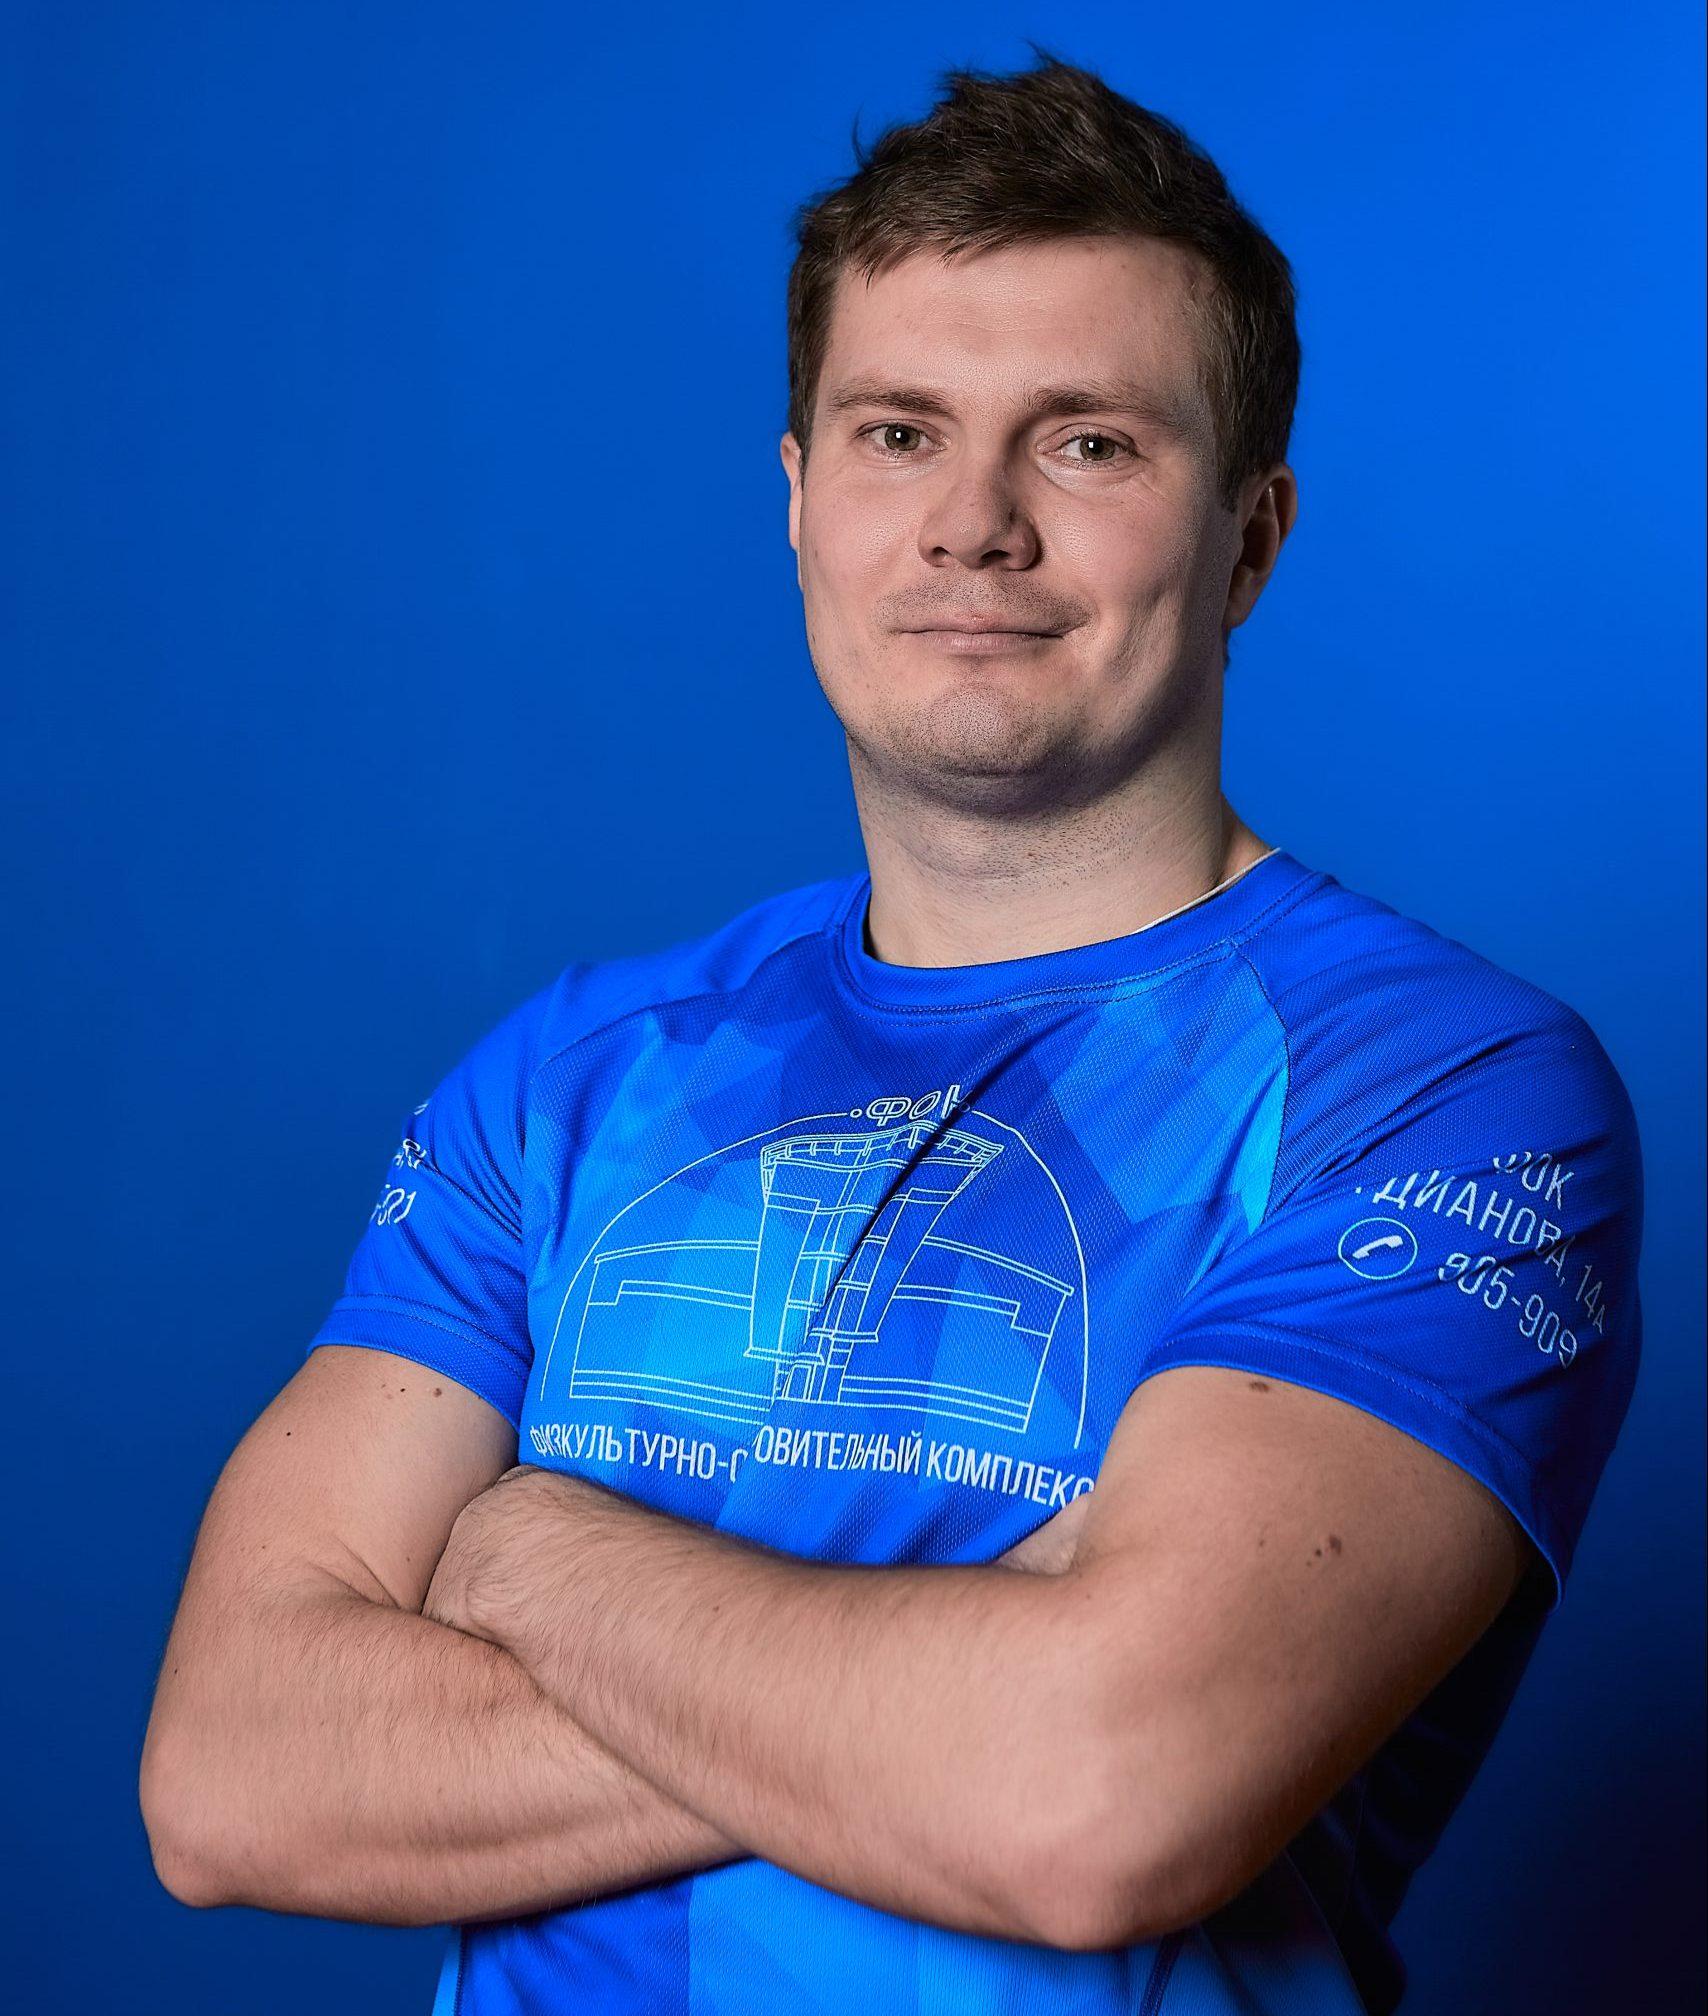 Инструктор Евгений Разноглядов